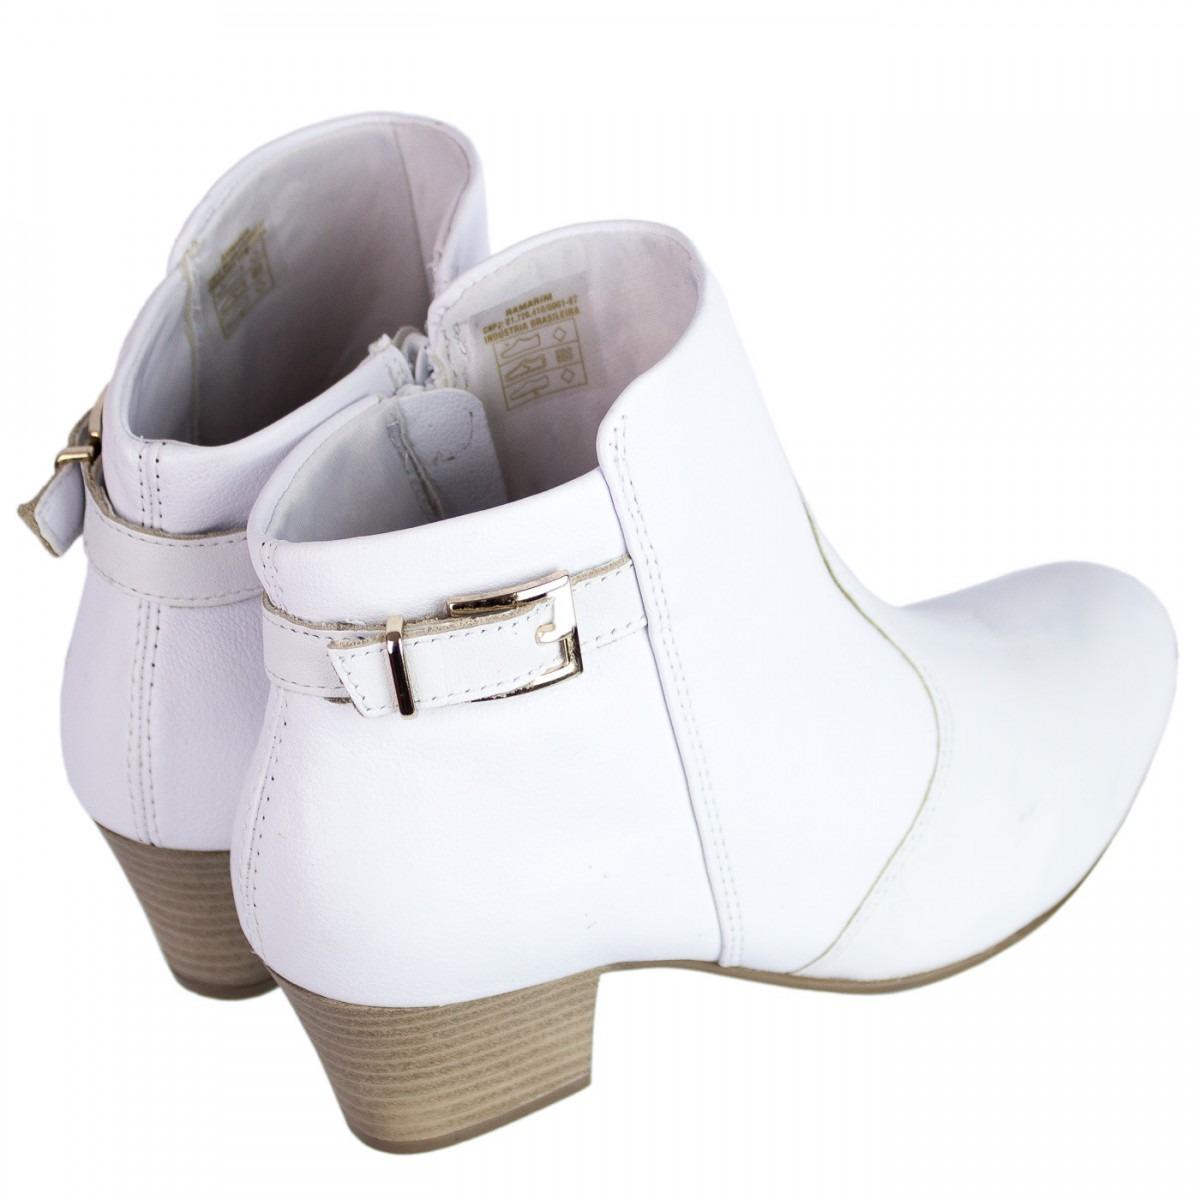 5feb0a6caf2 bota feminina comfortflex branca couro cano curto 1699301. Carregando zoom.